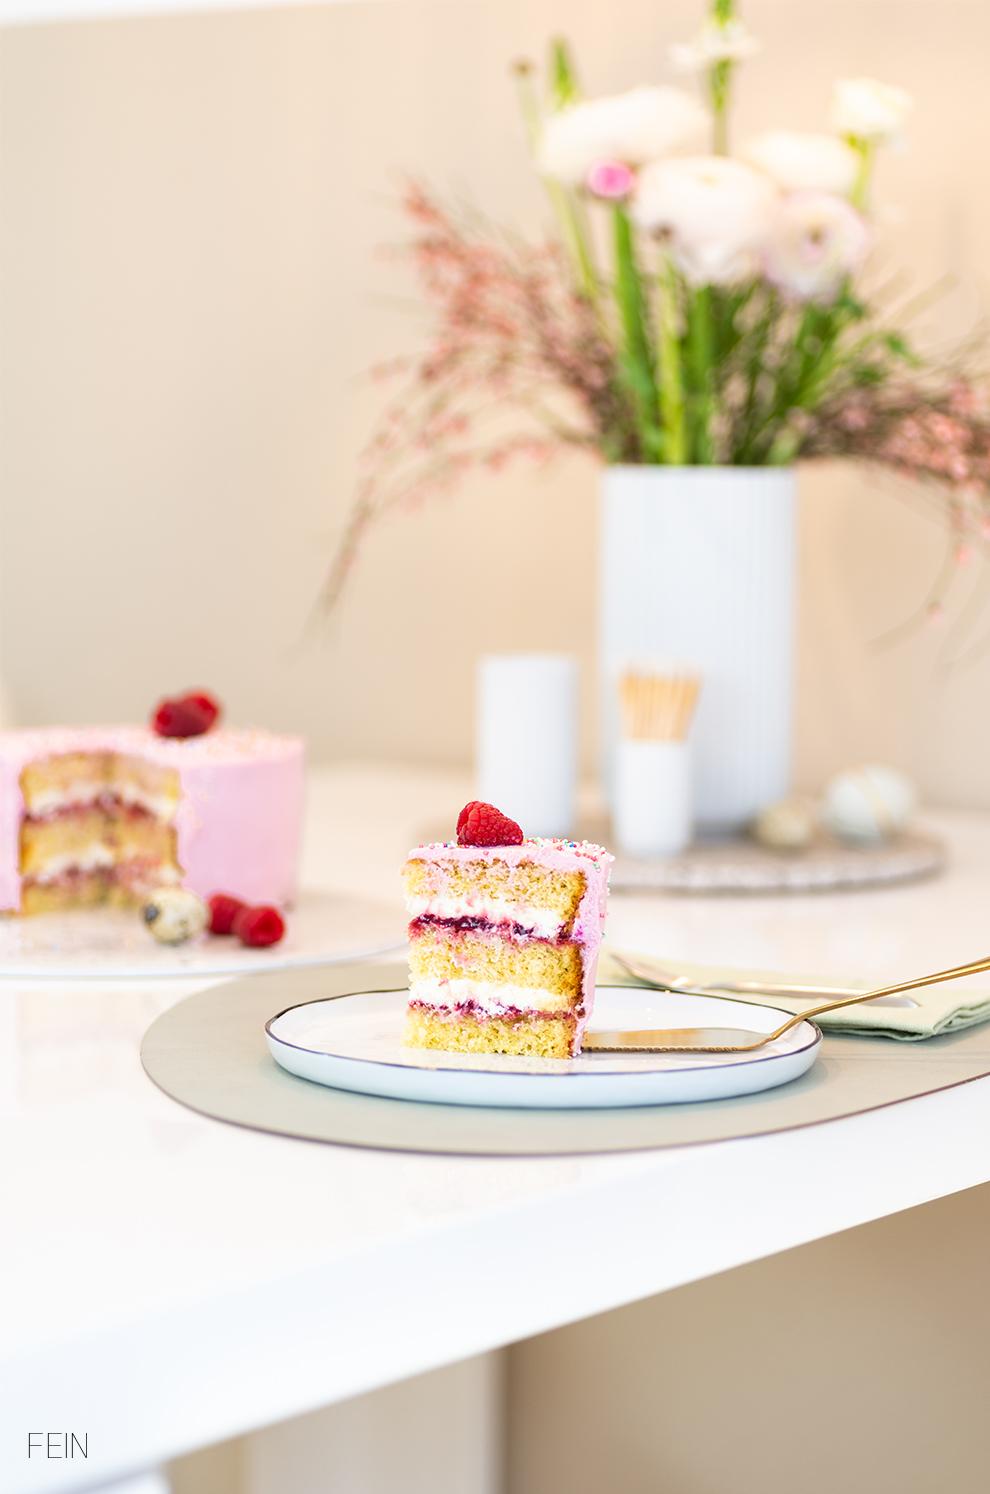 Himbeer Joghurt Torte Ostertisch